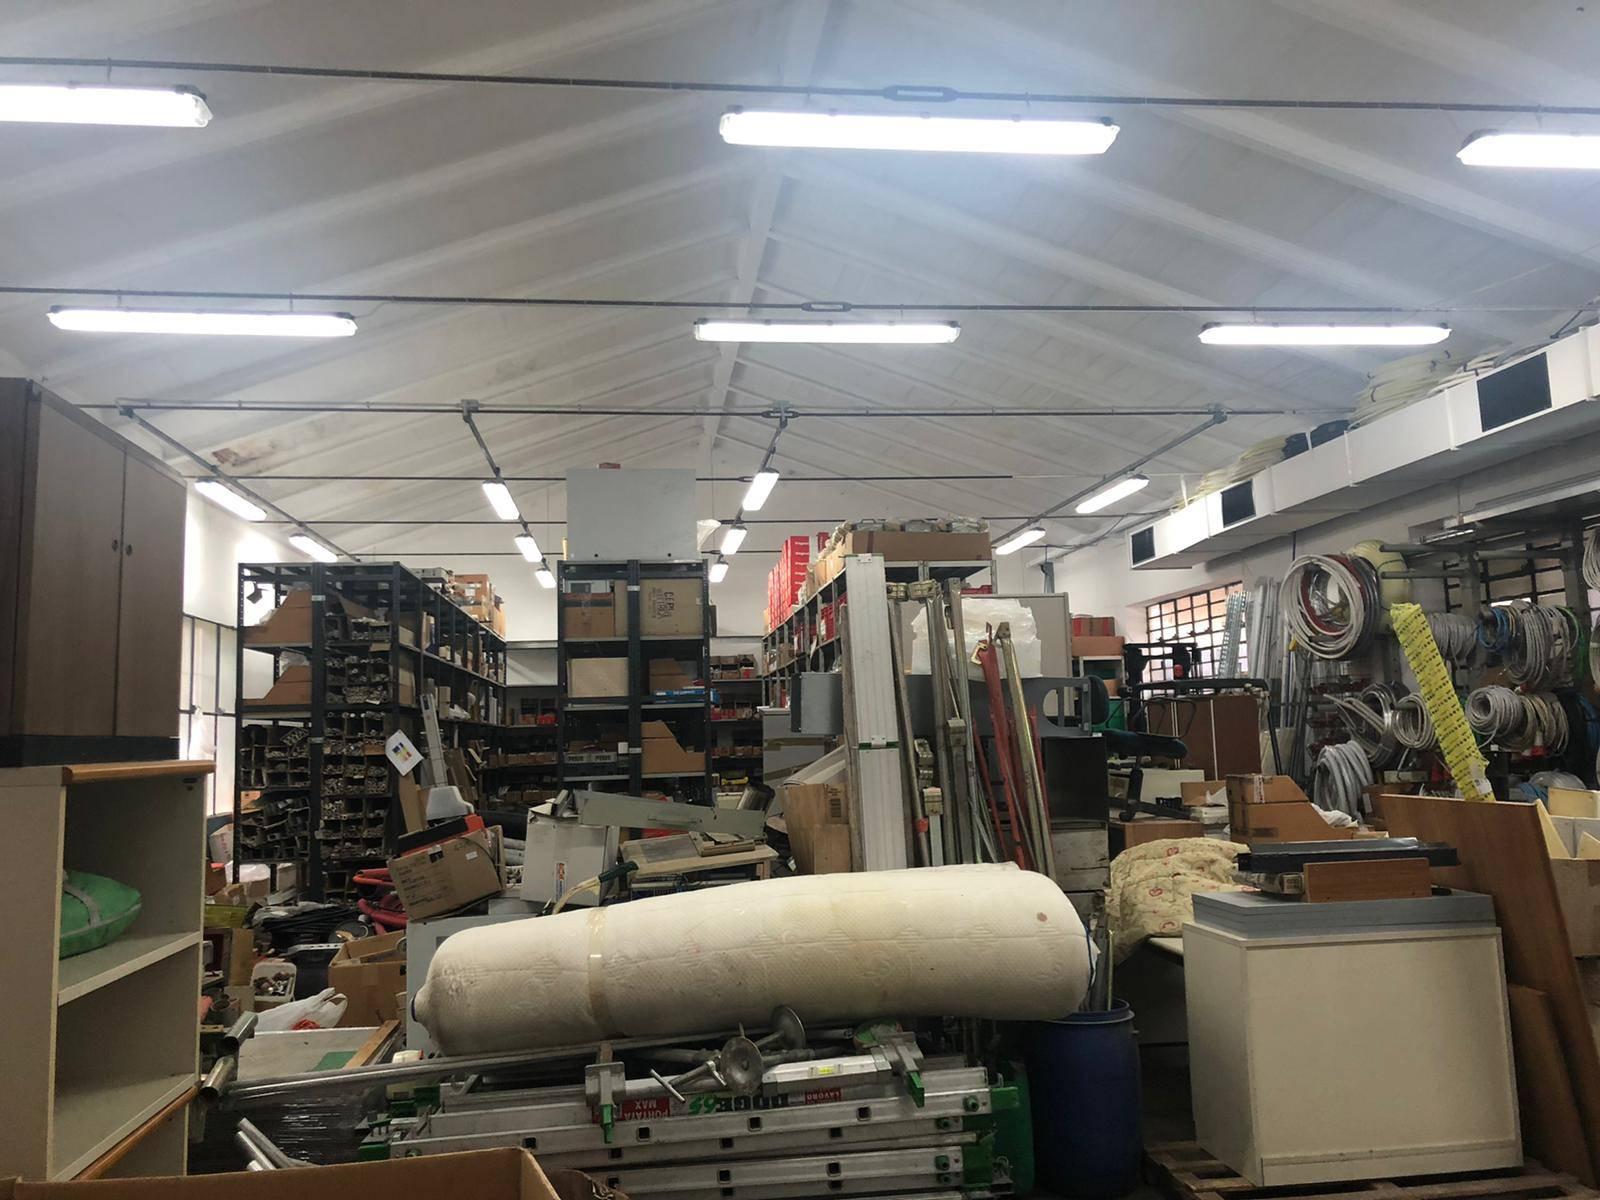 MONSUMMANO TERME, Laboratorio in vendita di 500 Mq, Buone condizioni, posto al piano Terra, composto da: 4 Vani, 3 Bagni, Terrazza, Prezzo: € 465.000